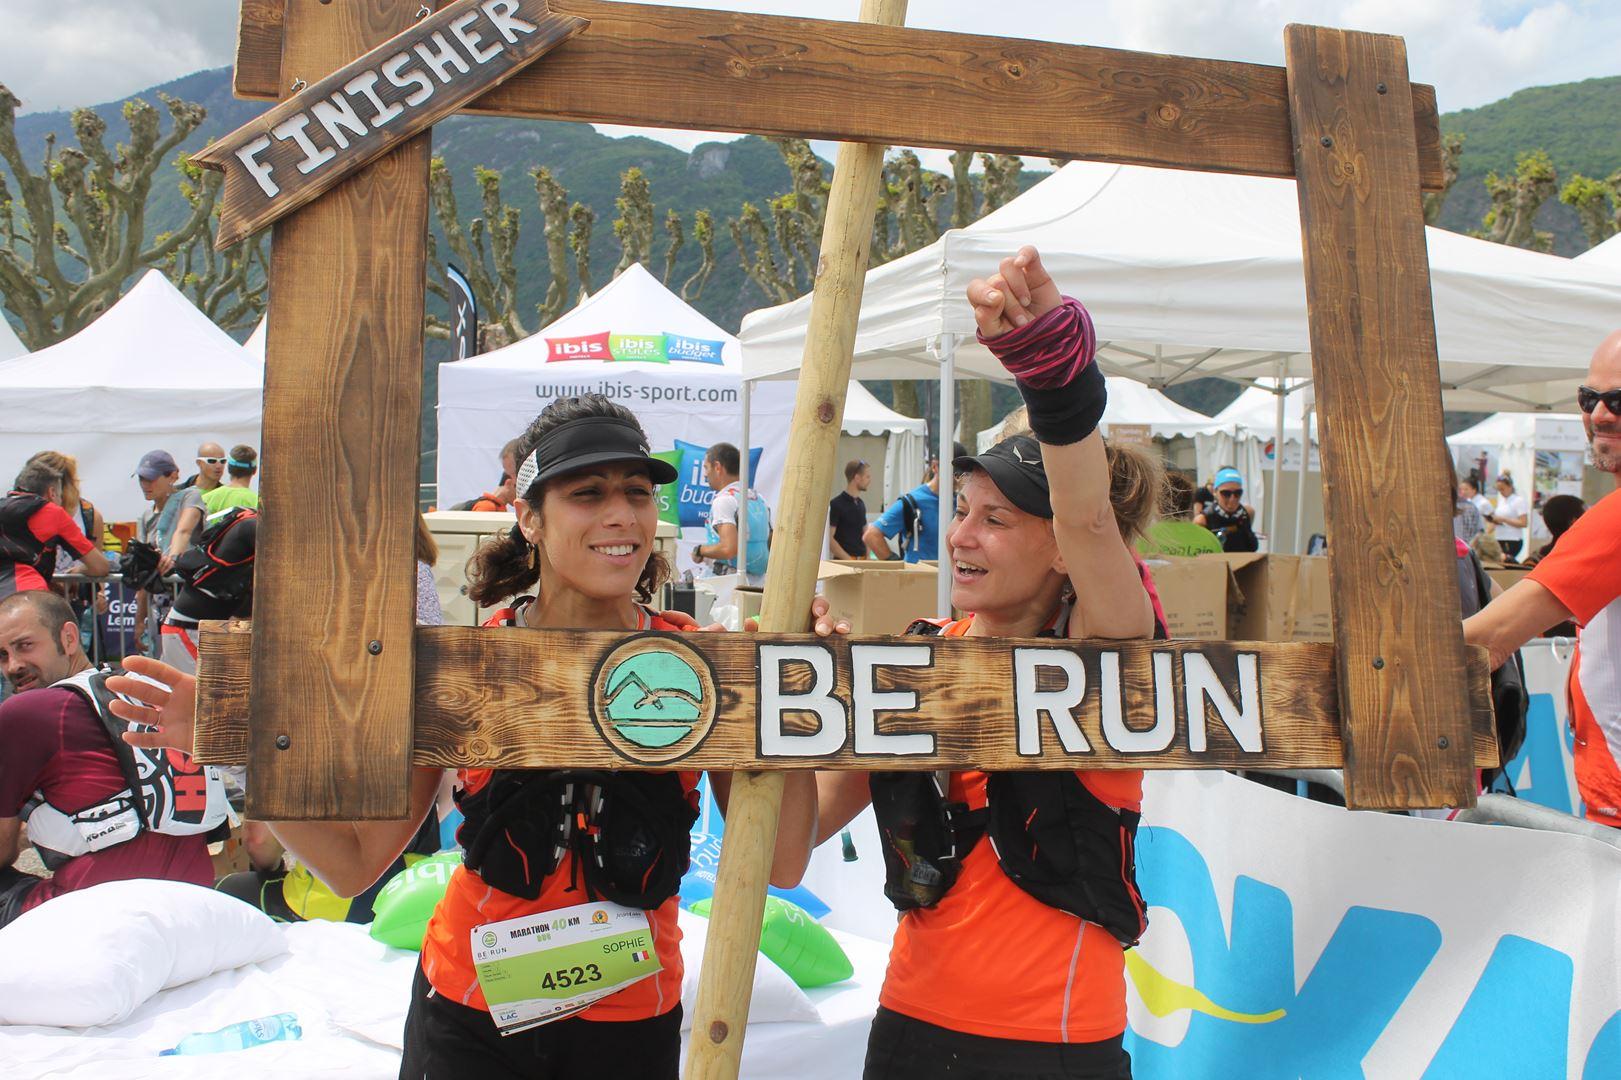 Sophie et Claire Lyse 1ère du 40km duo - RESULTATS ET PHOTOS DU TRAIL BE RUN - DUINGT (74)-AIX LES BAINS (73) - 14-05-2017